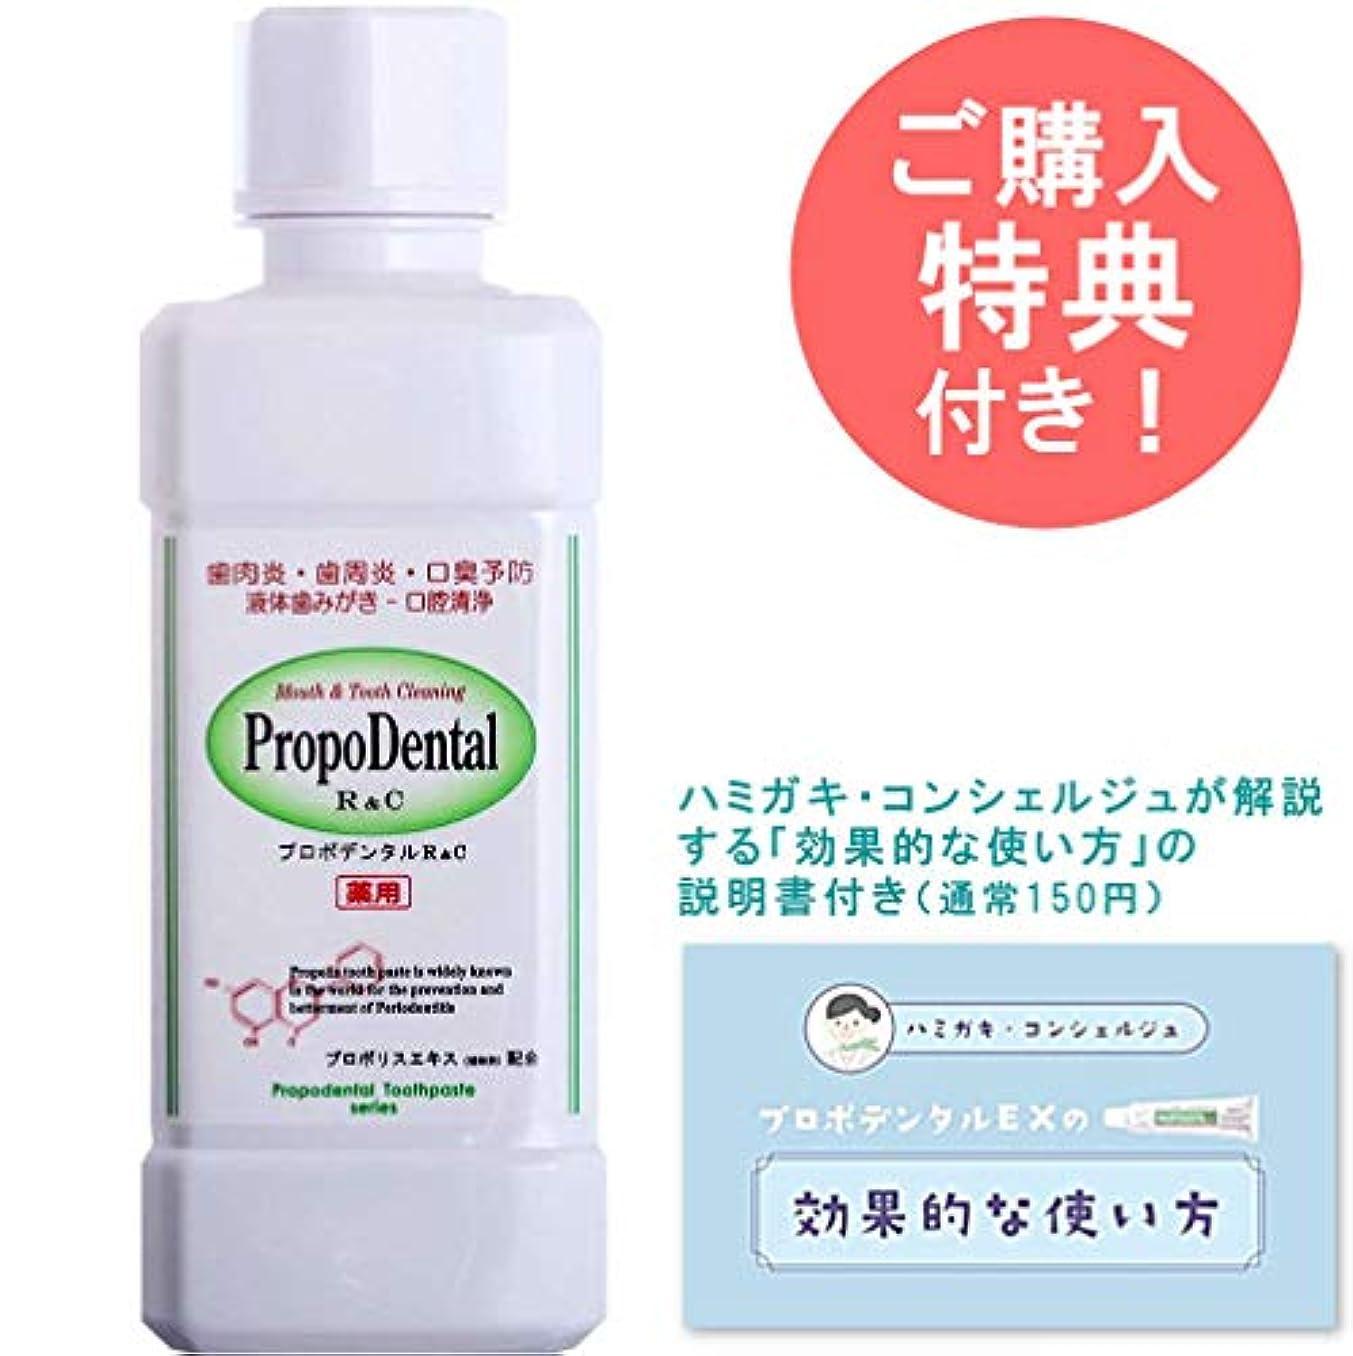 甘味遡るリッチ薬用液体ハミガキ プロポデンタルリンスR&C(300ml)1本